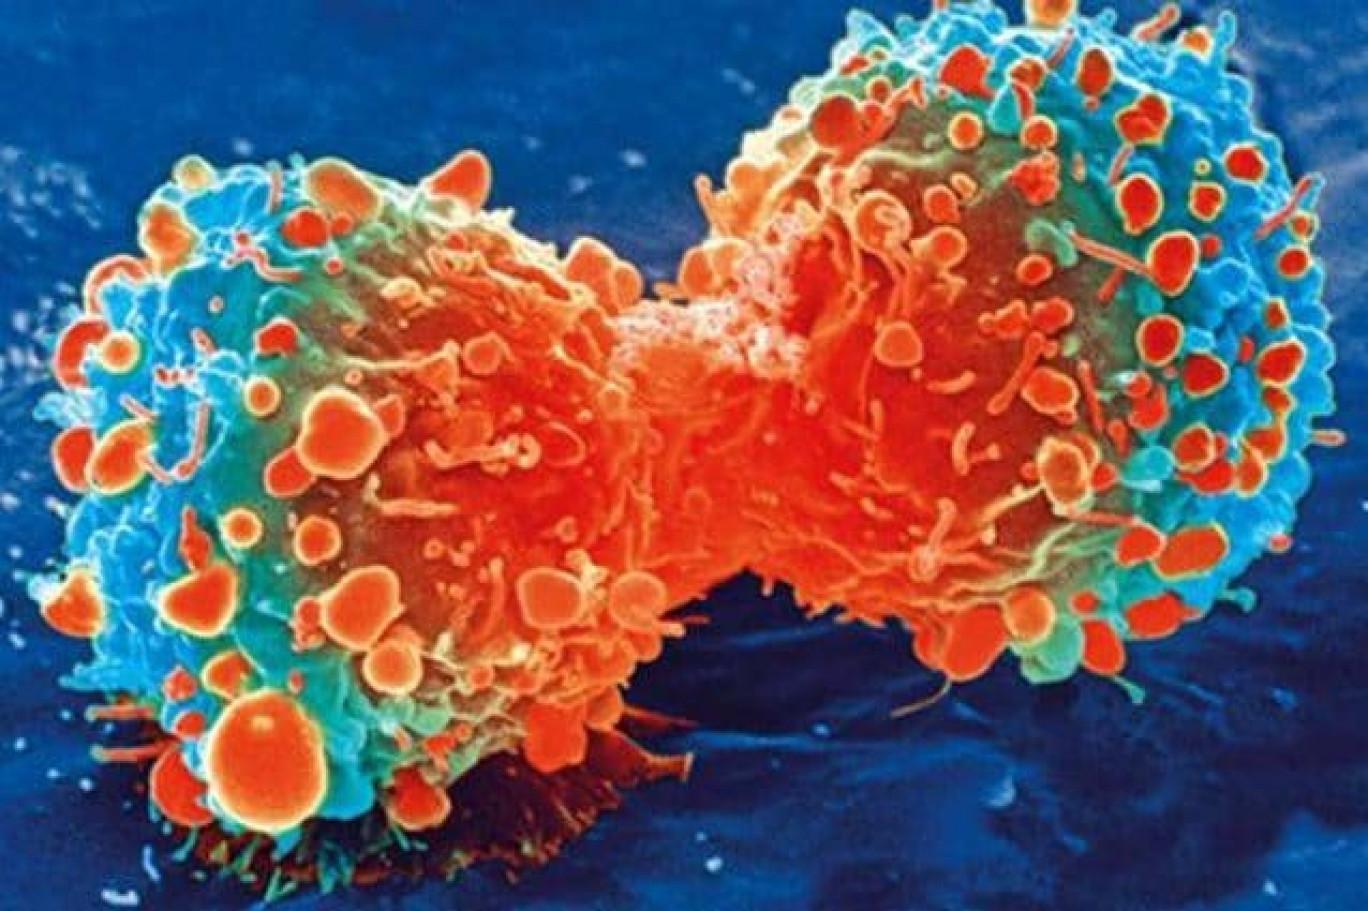 Farmaco sperimentale blocca i tumori al polmone e al colon